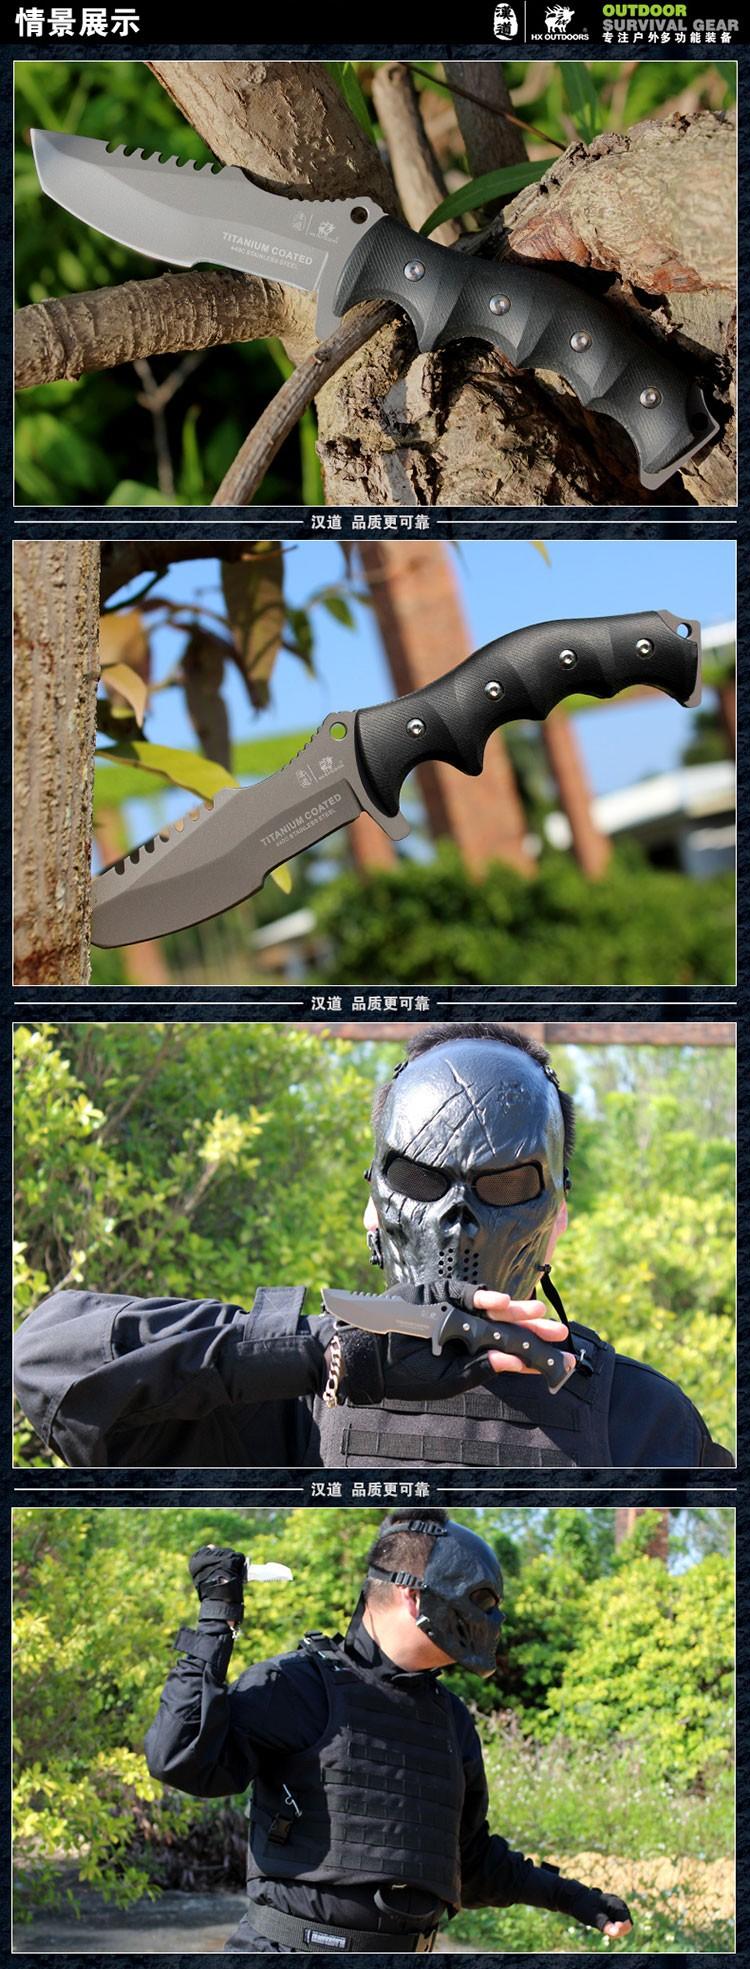 Купить HX На Открытом Воздухе Выживания Охотник Нож Karambit Тактический Отдых На Природе Охота Ножи 100% 440C Фиксированной Холодного Лезвия Прямой Нож EDC дешево